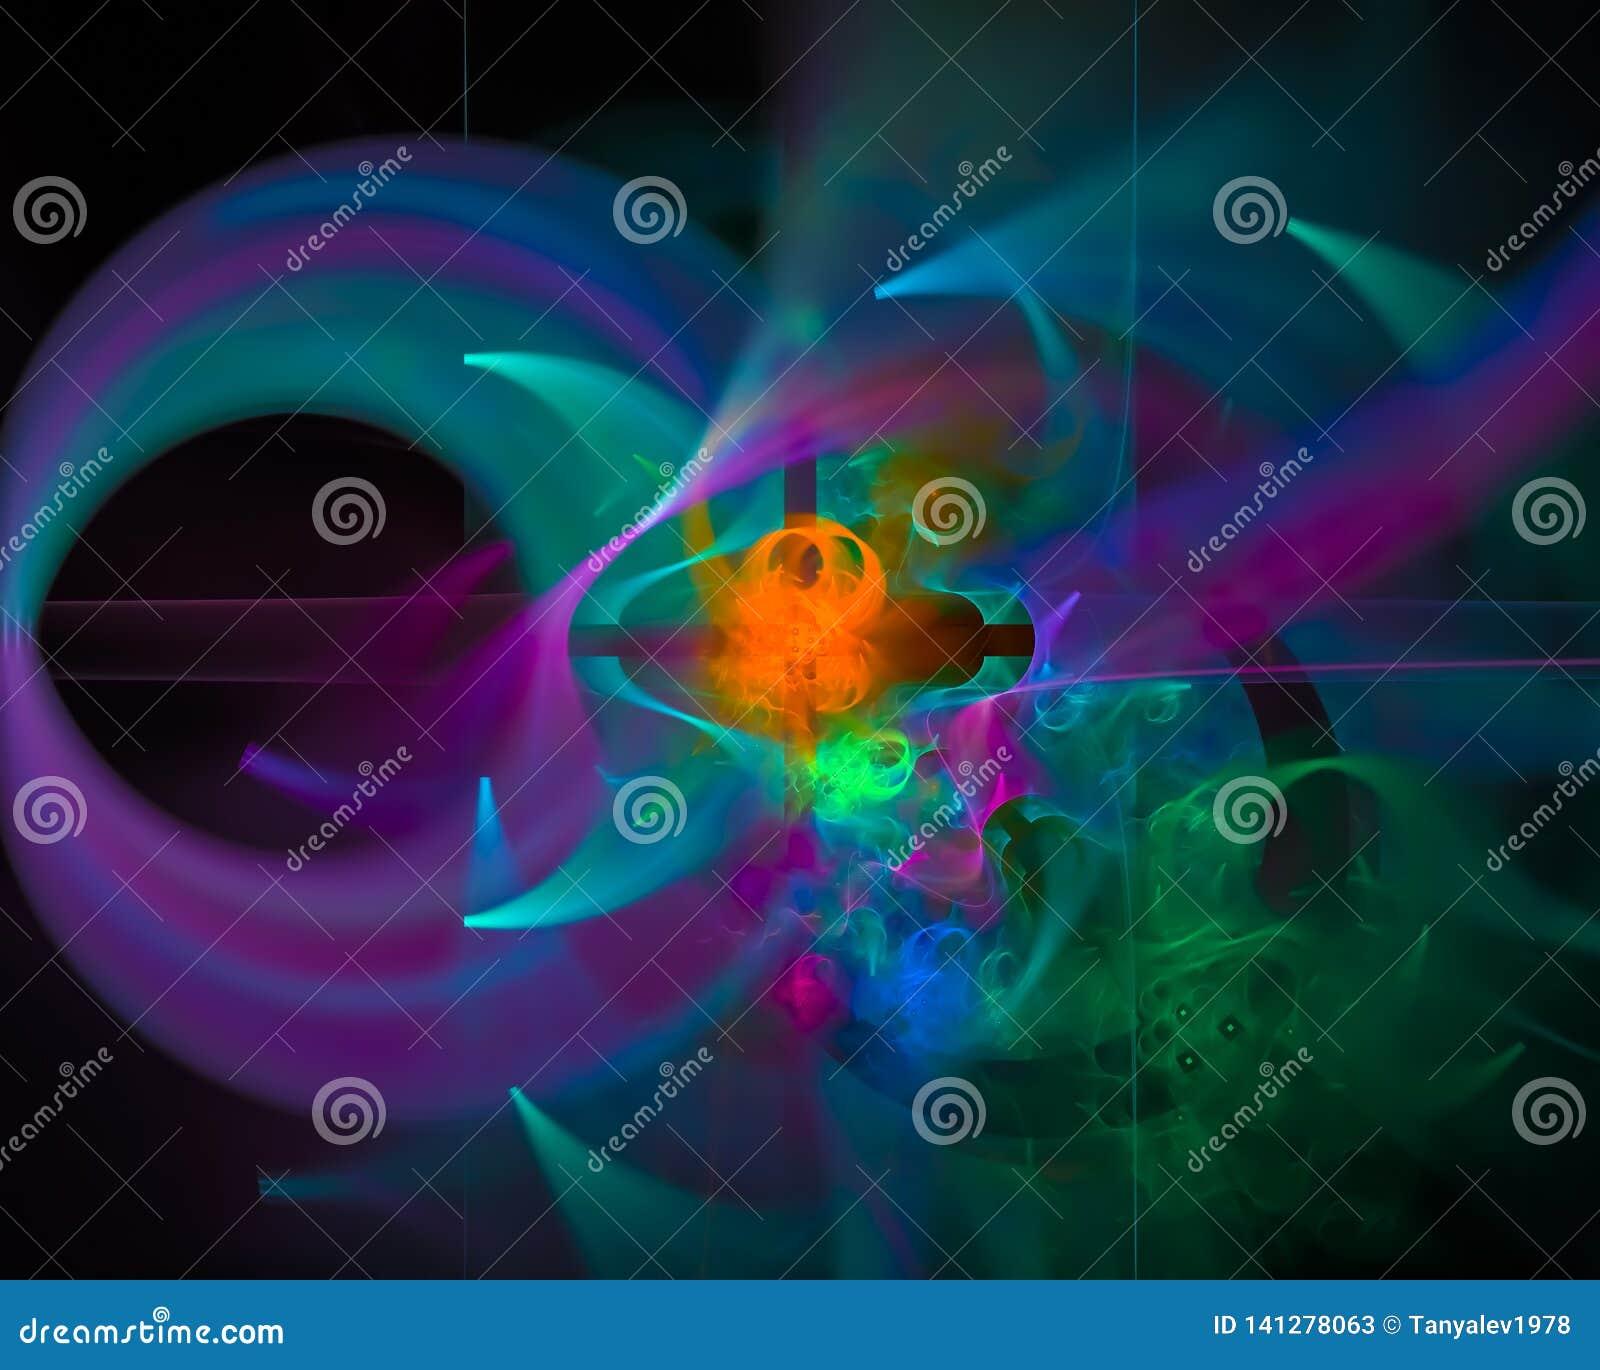 Kreative Grafik der abstrakten Fractaleleganz-Form, moderne Fantasie, schöne Entwurfsbewegung, Strudel, glänzend